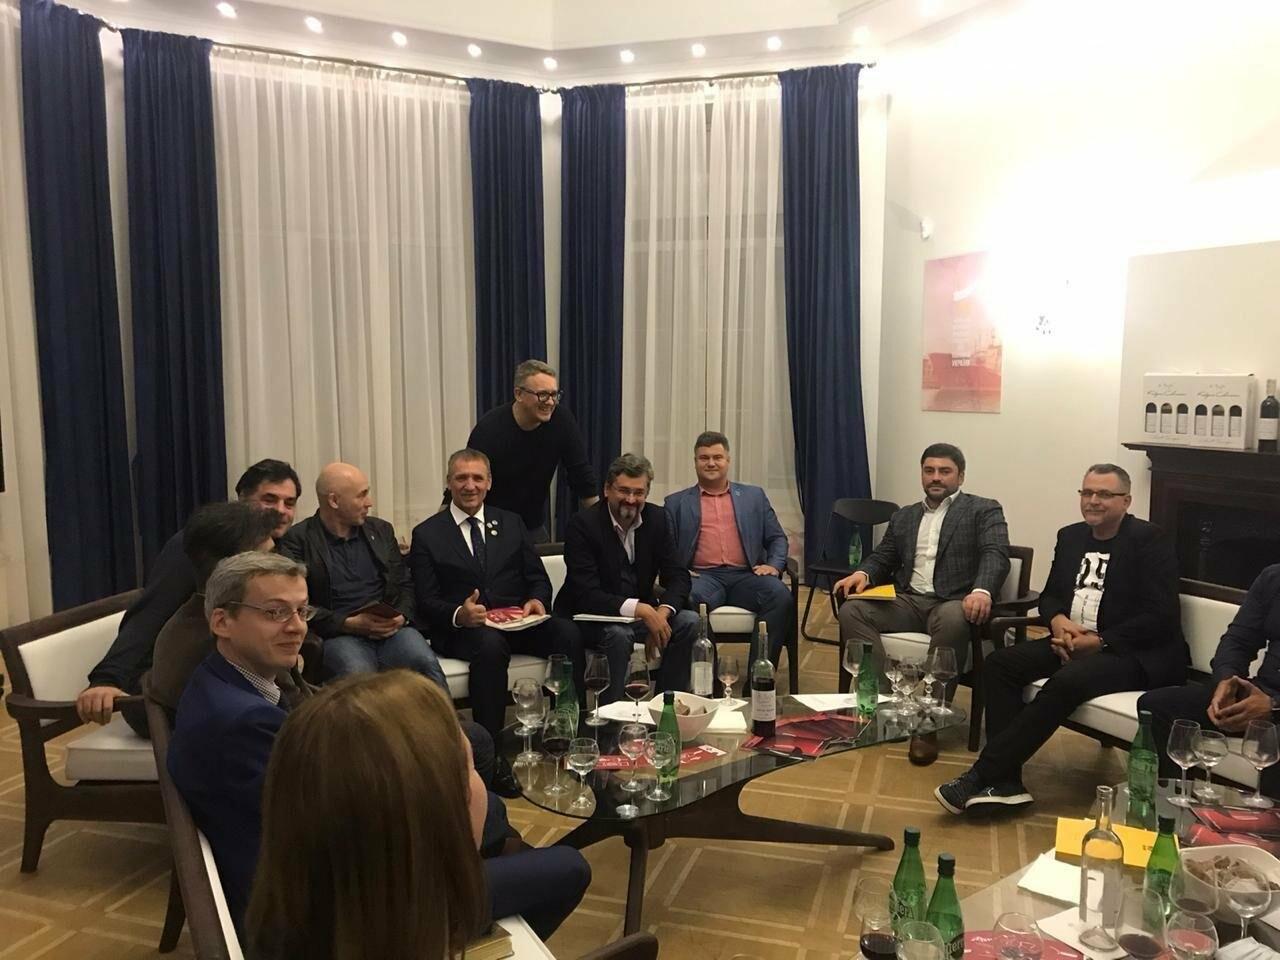 Криворожанин выступил с докладом на первом заседании Общественного совета  по вопросам культуры, молодежи и спорта Украины, - ФОТО , фото-4